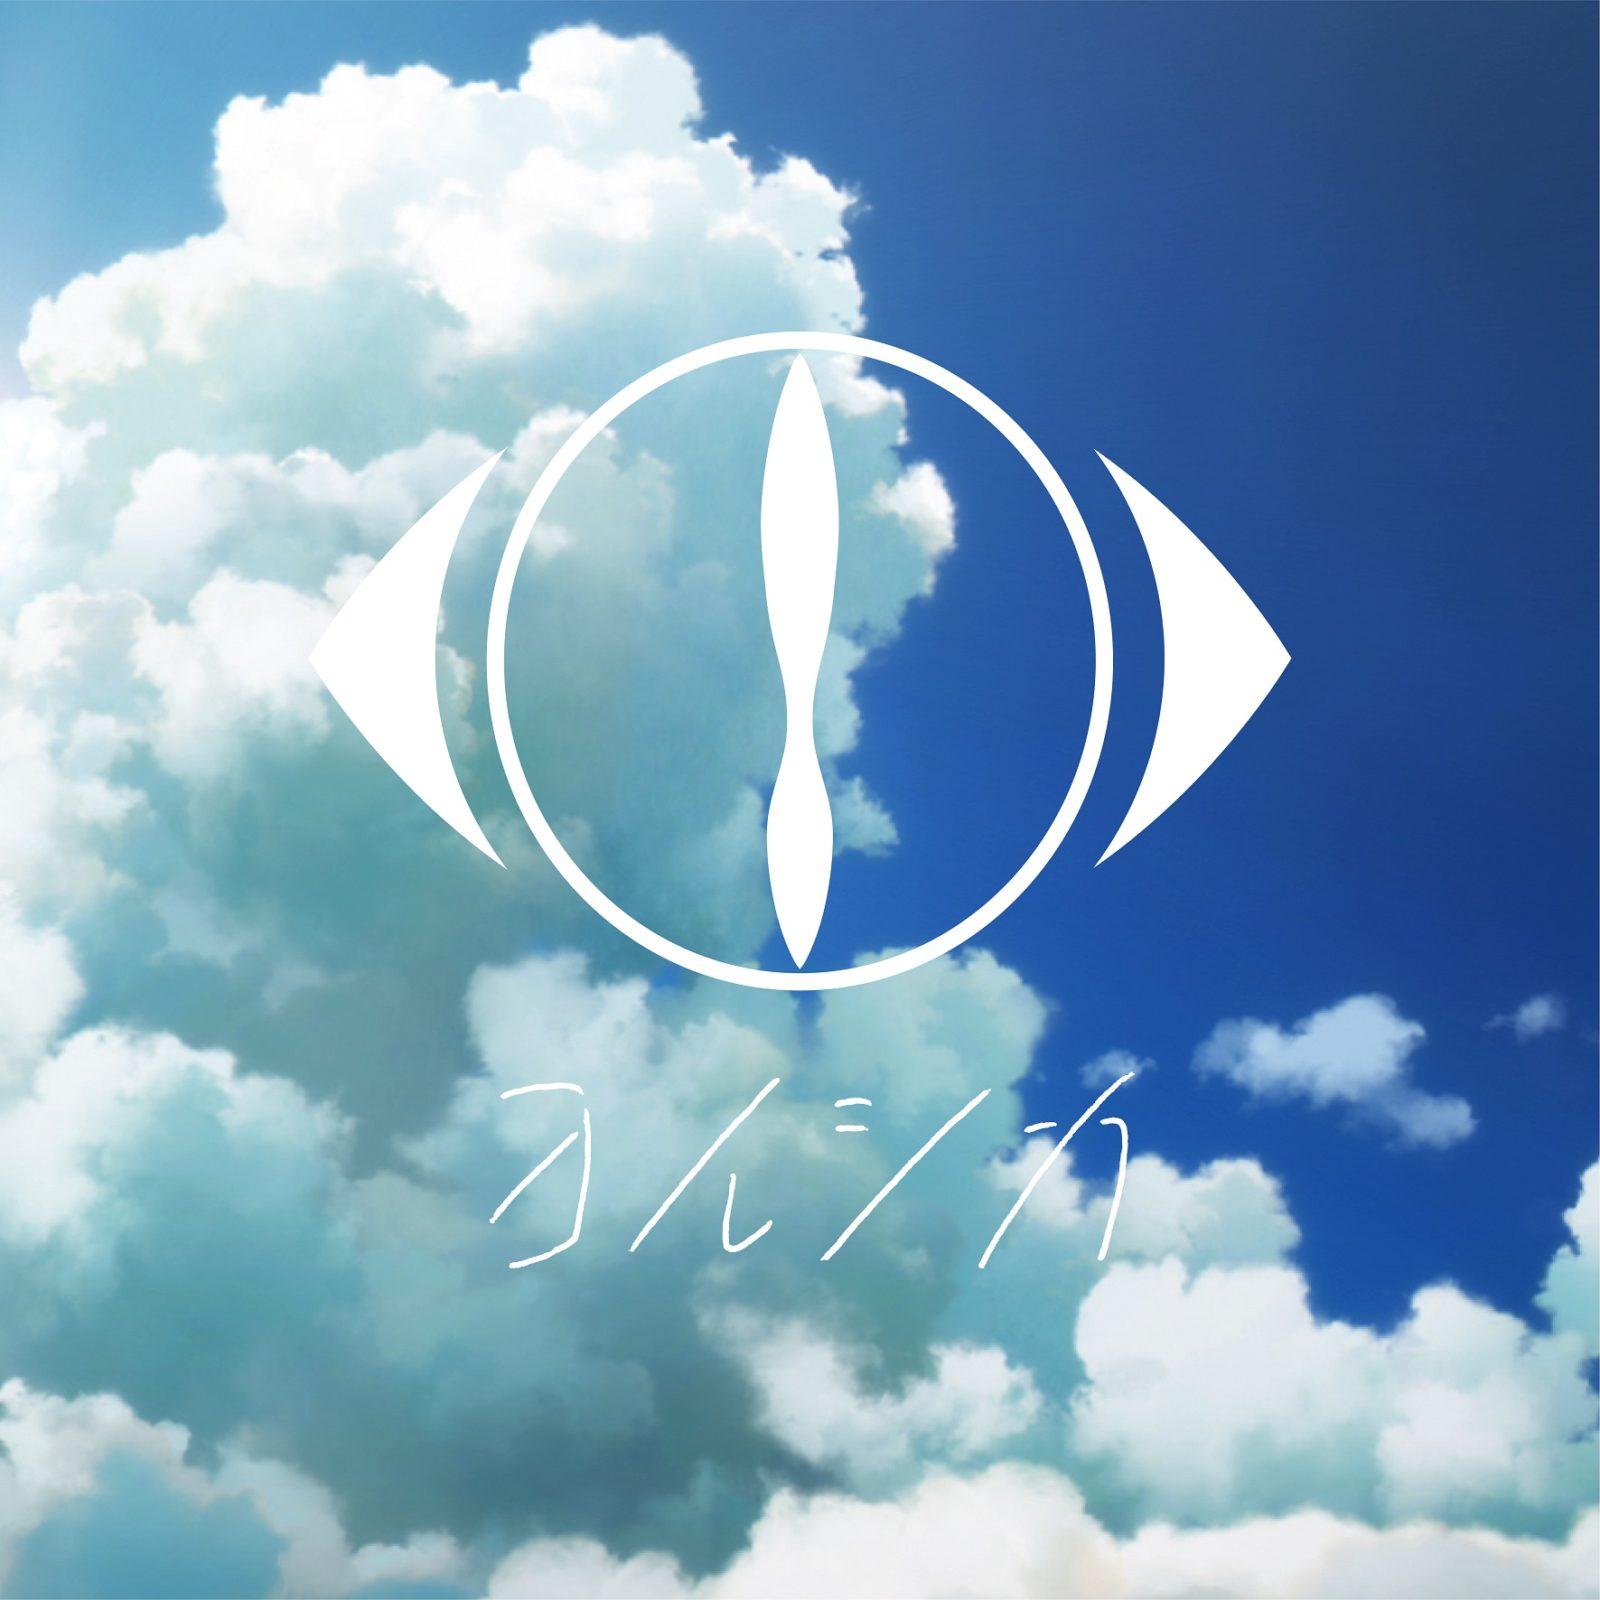 ヨルシカの新曲「花に亡霊」、4月22日より一斉配信決定